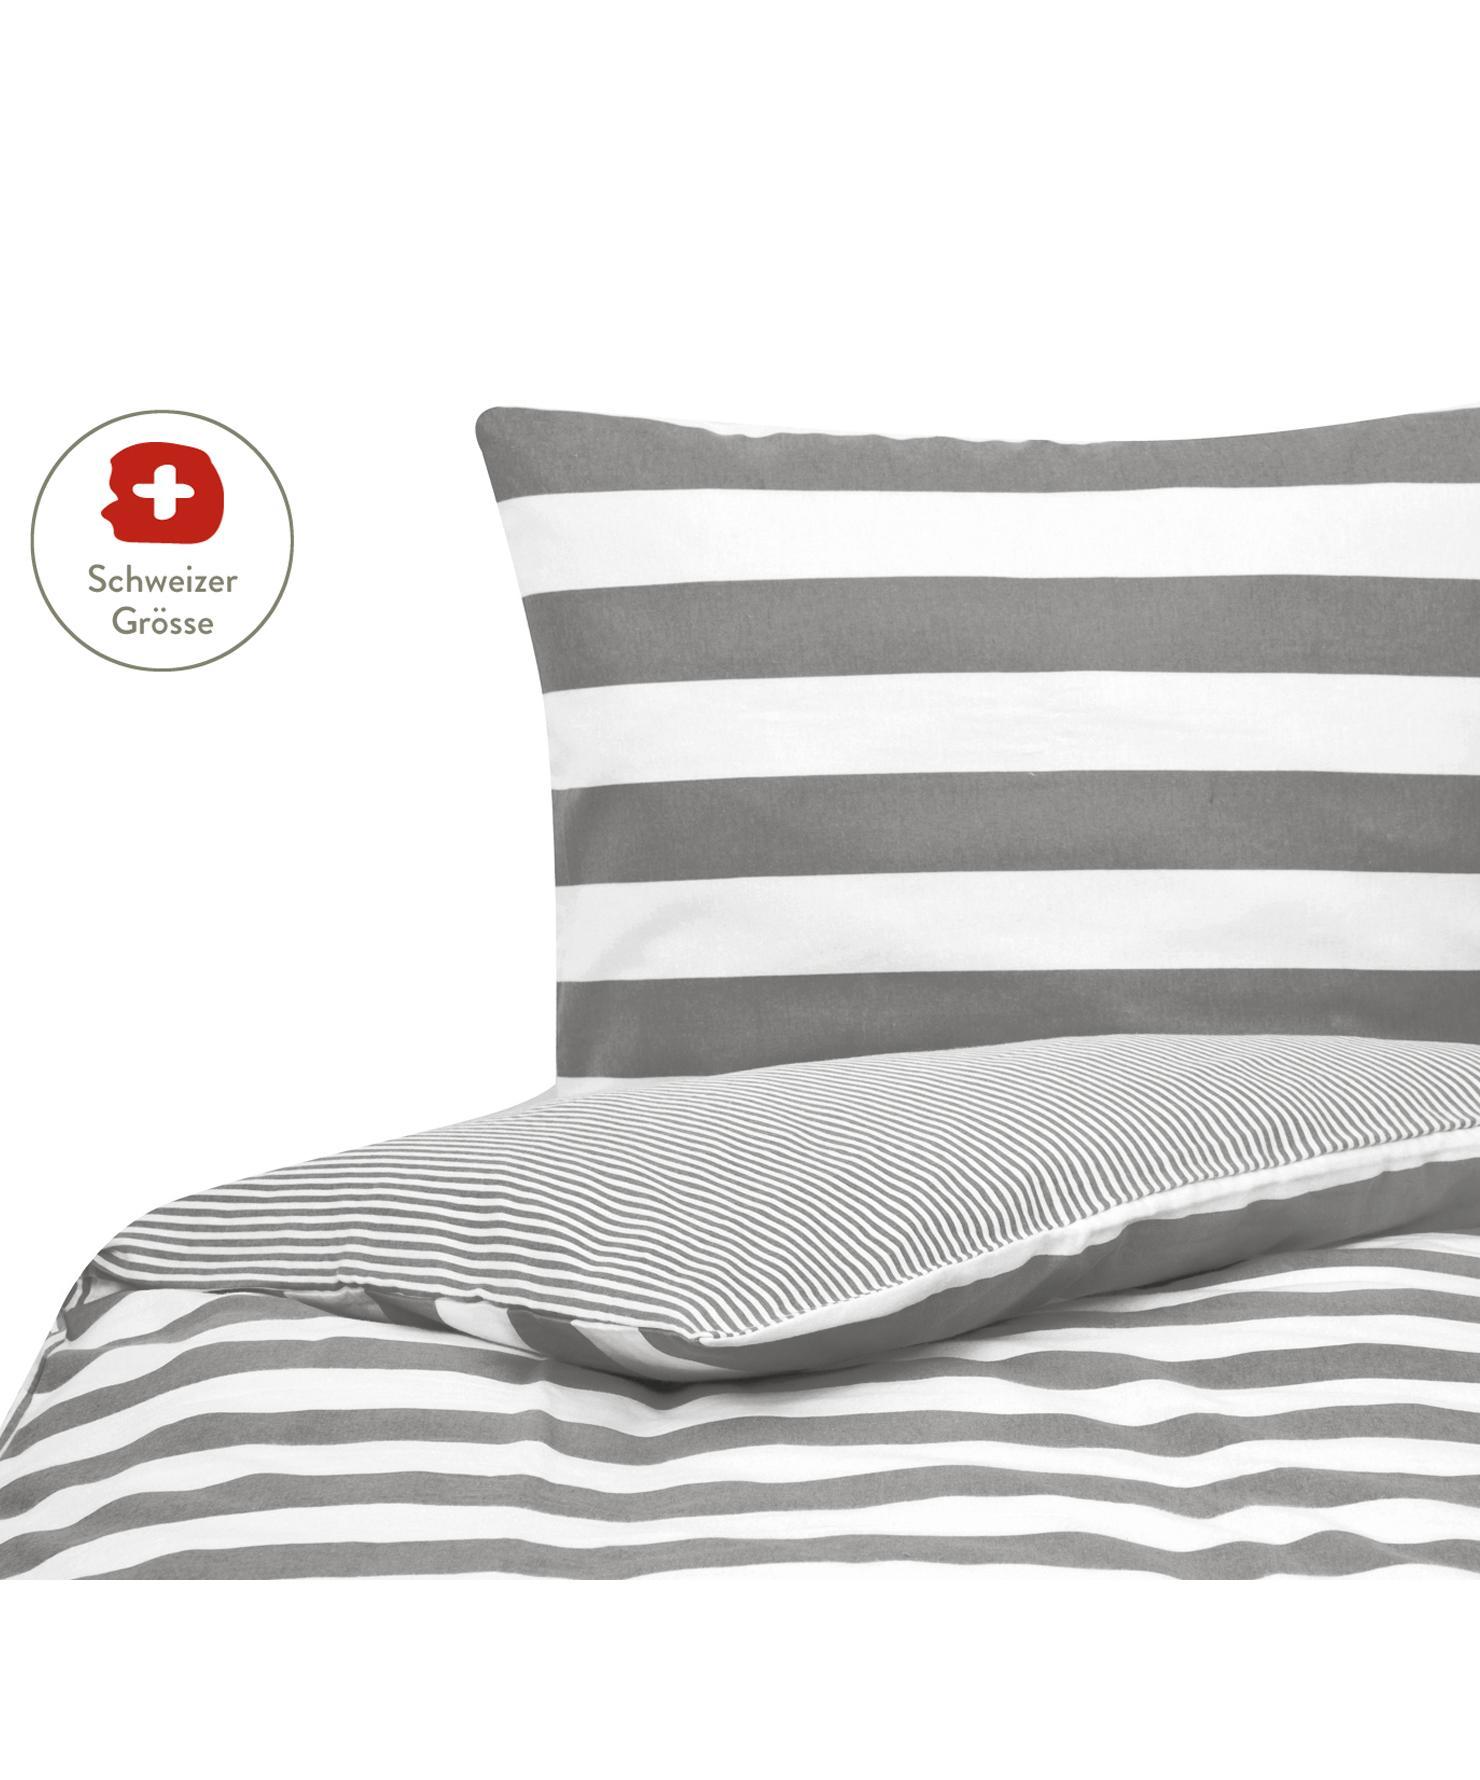 Flanell-Wendebettdeckenbezug Alice mit Sternen, Webart: Flanell Flanell ist ein s, Grau, Weiss, 160 x 210 cm